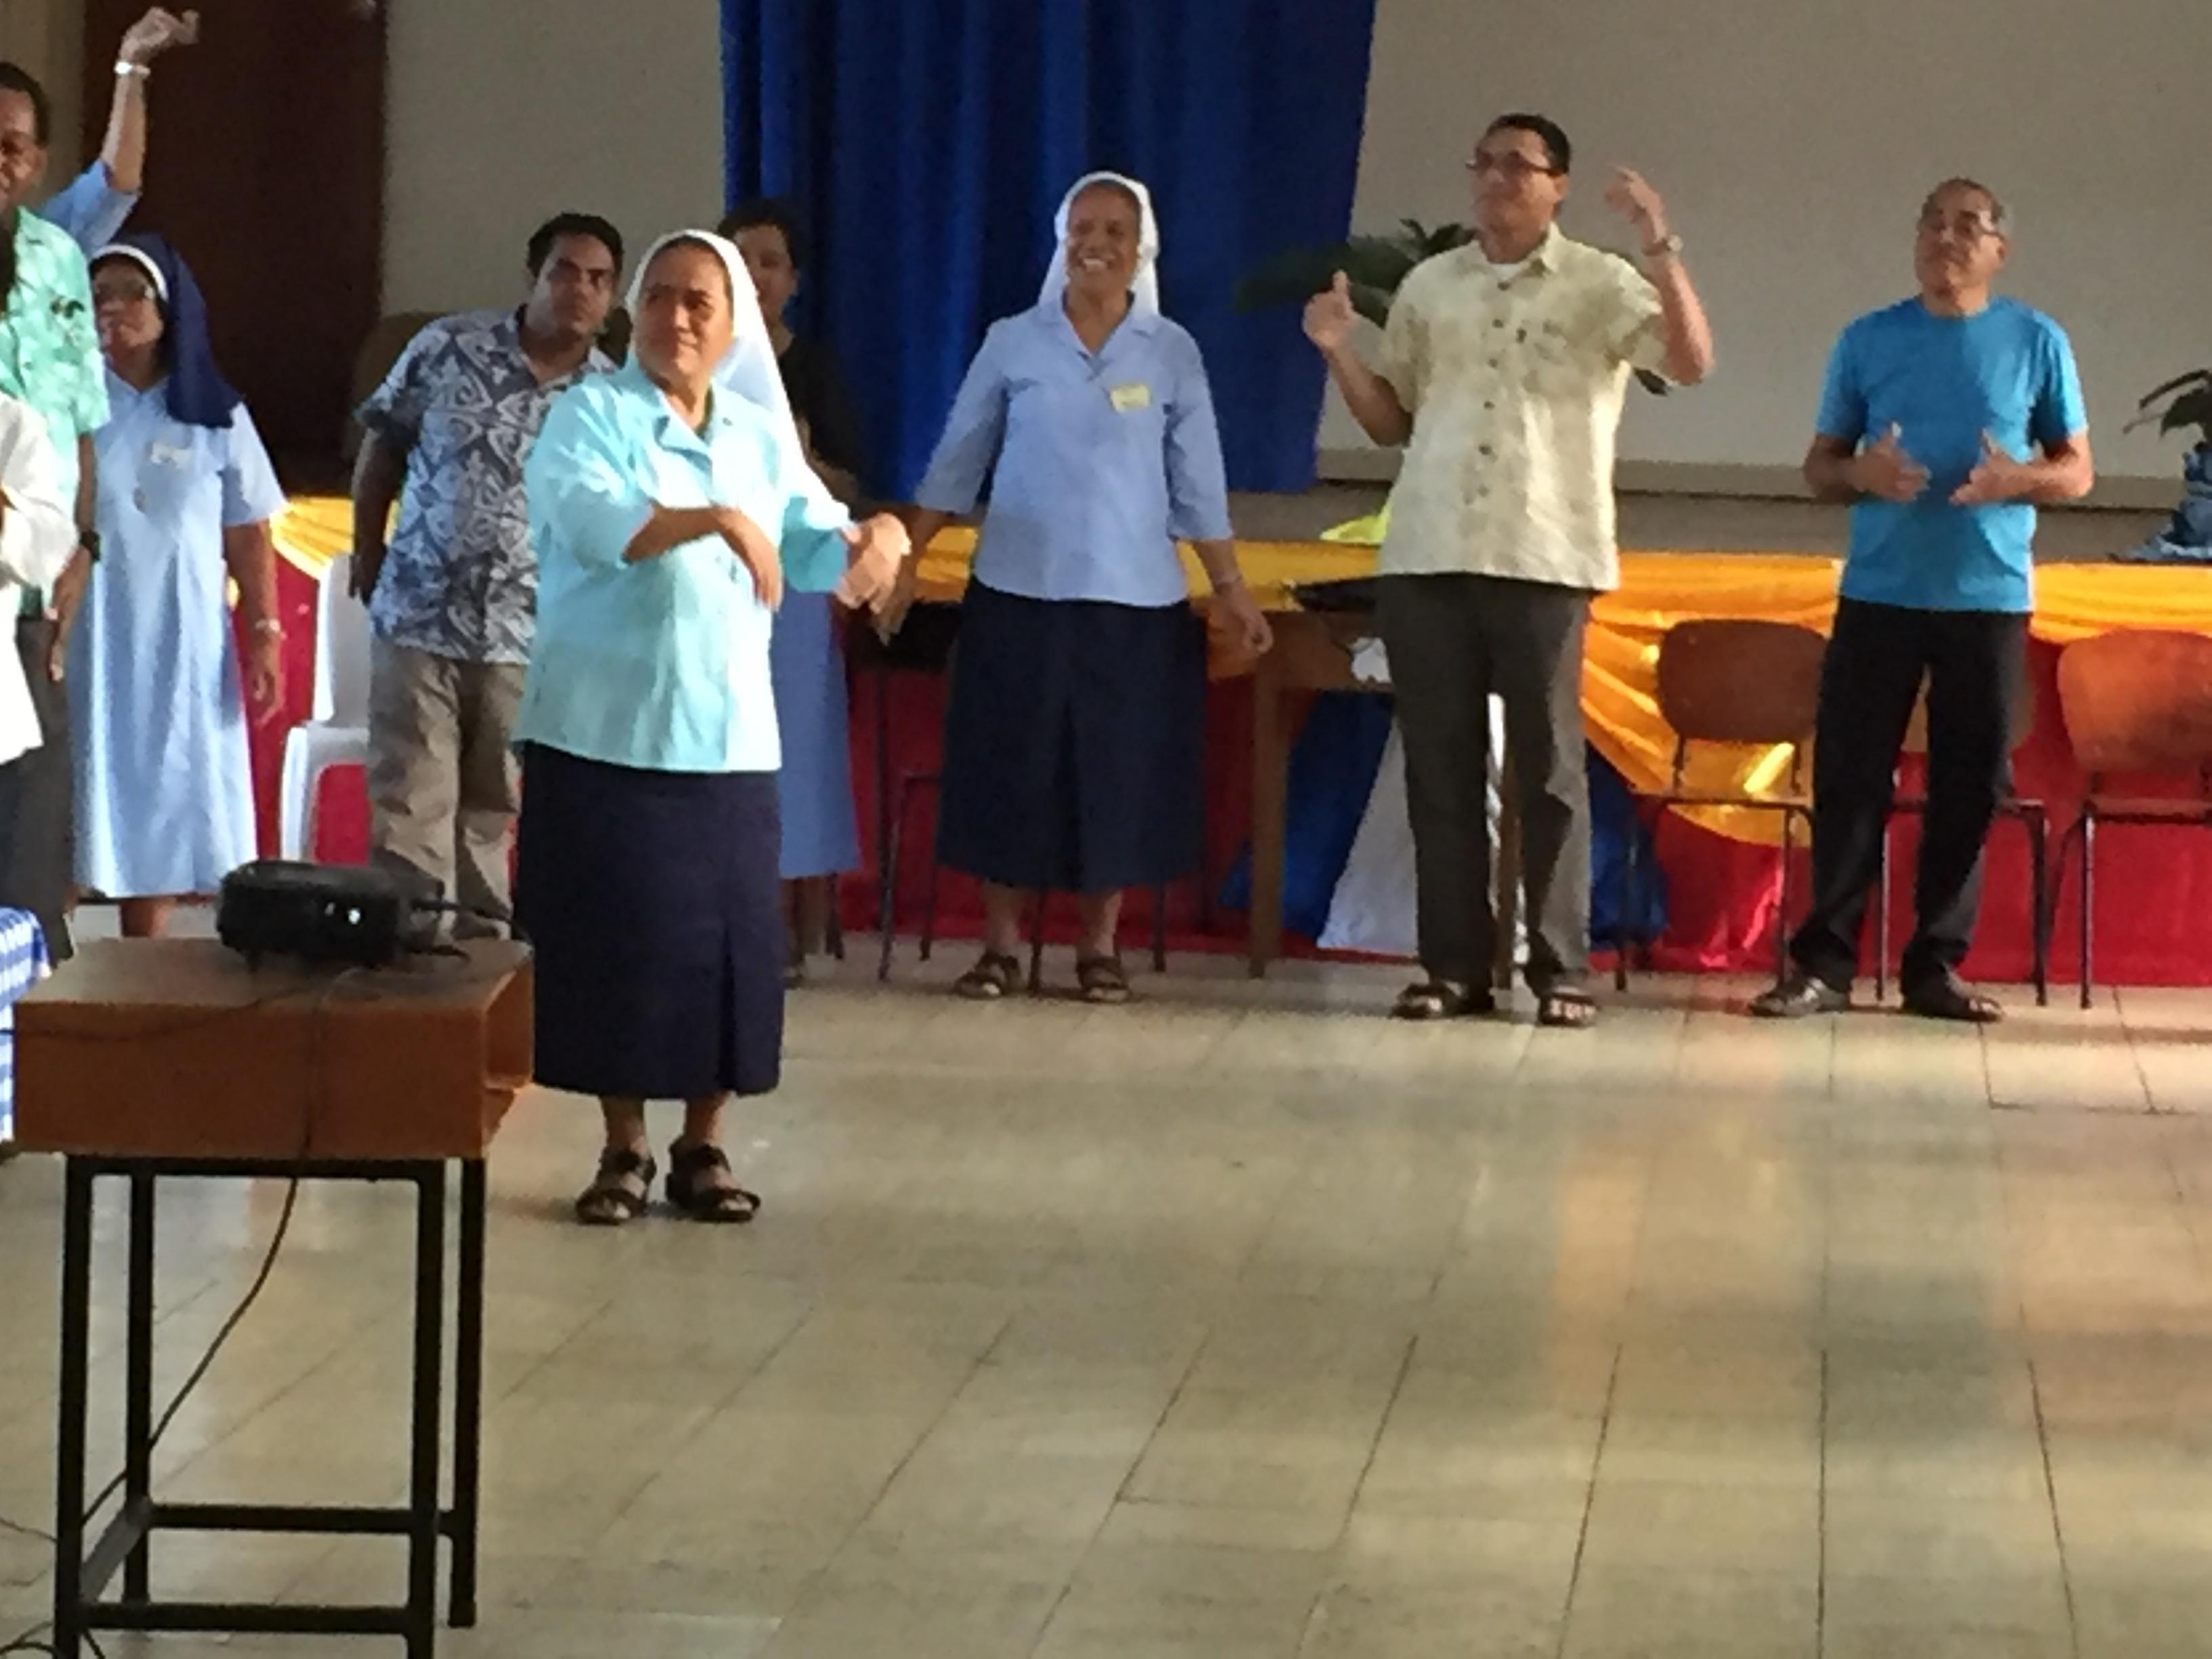 cmspi 19 participants